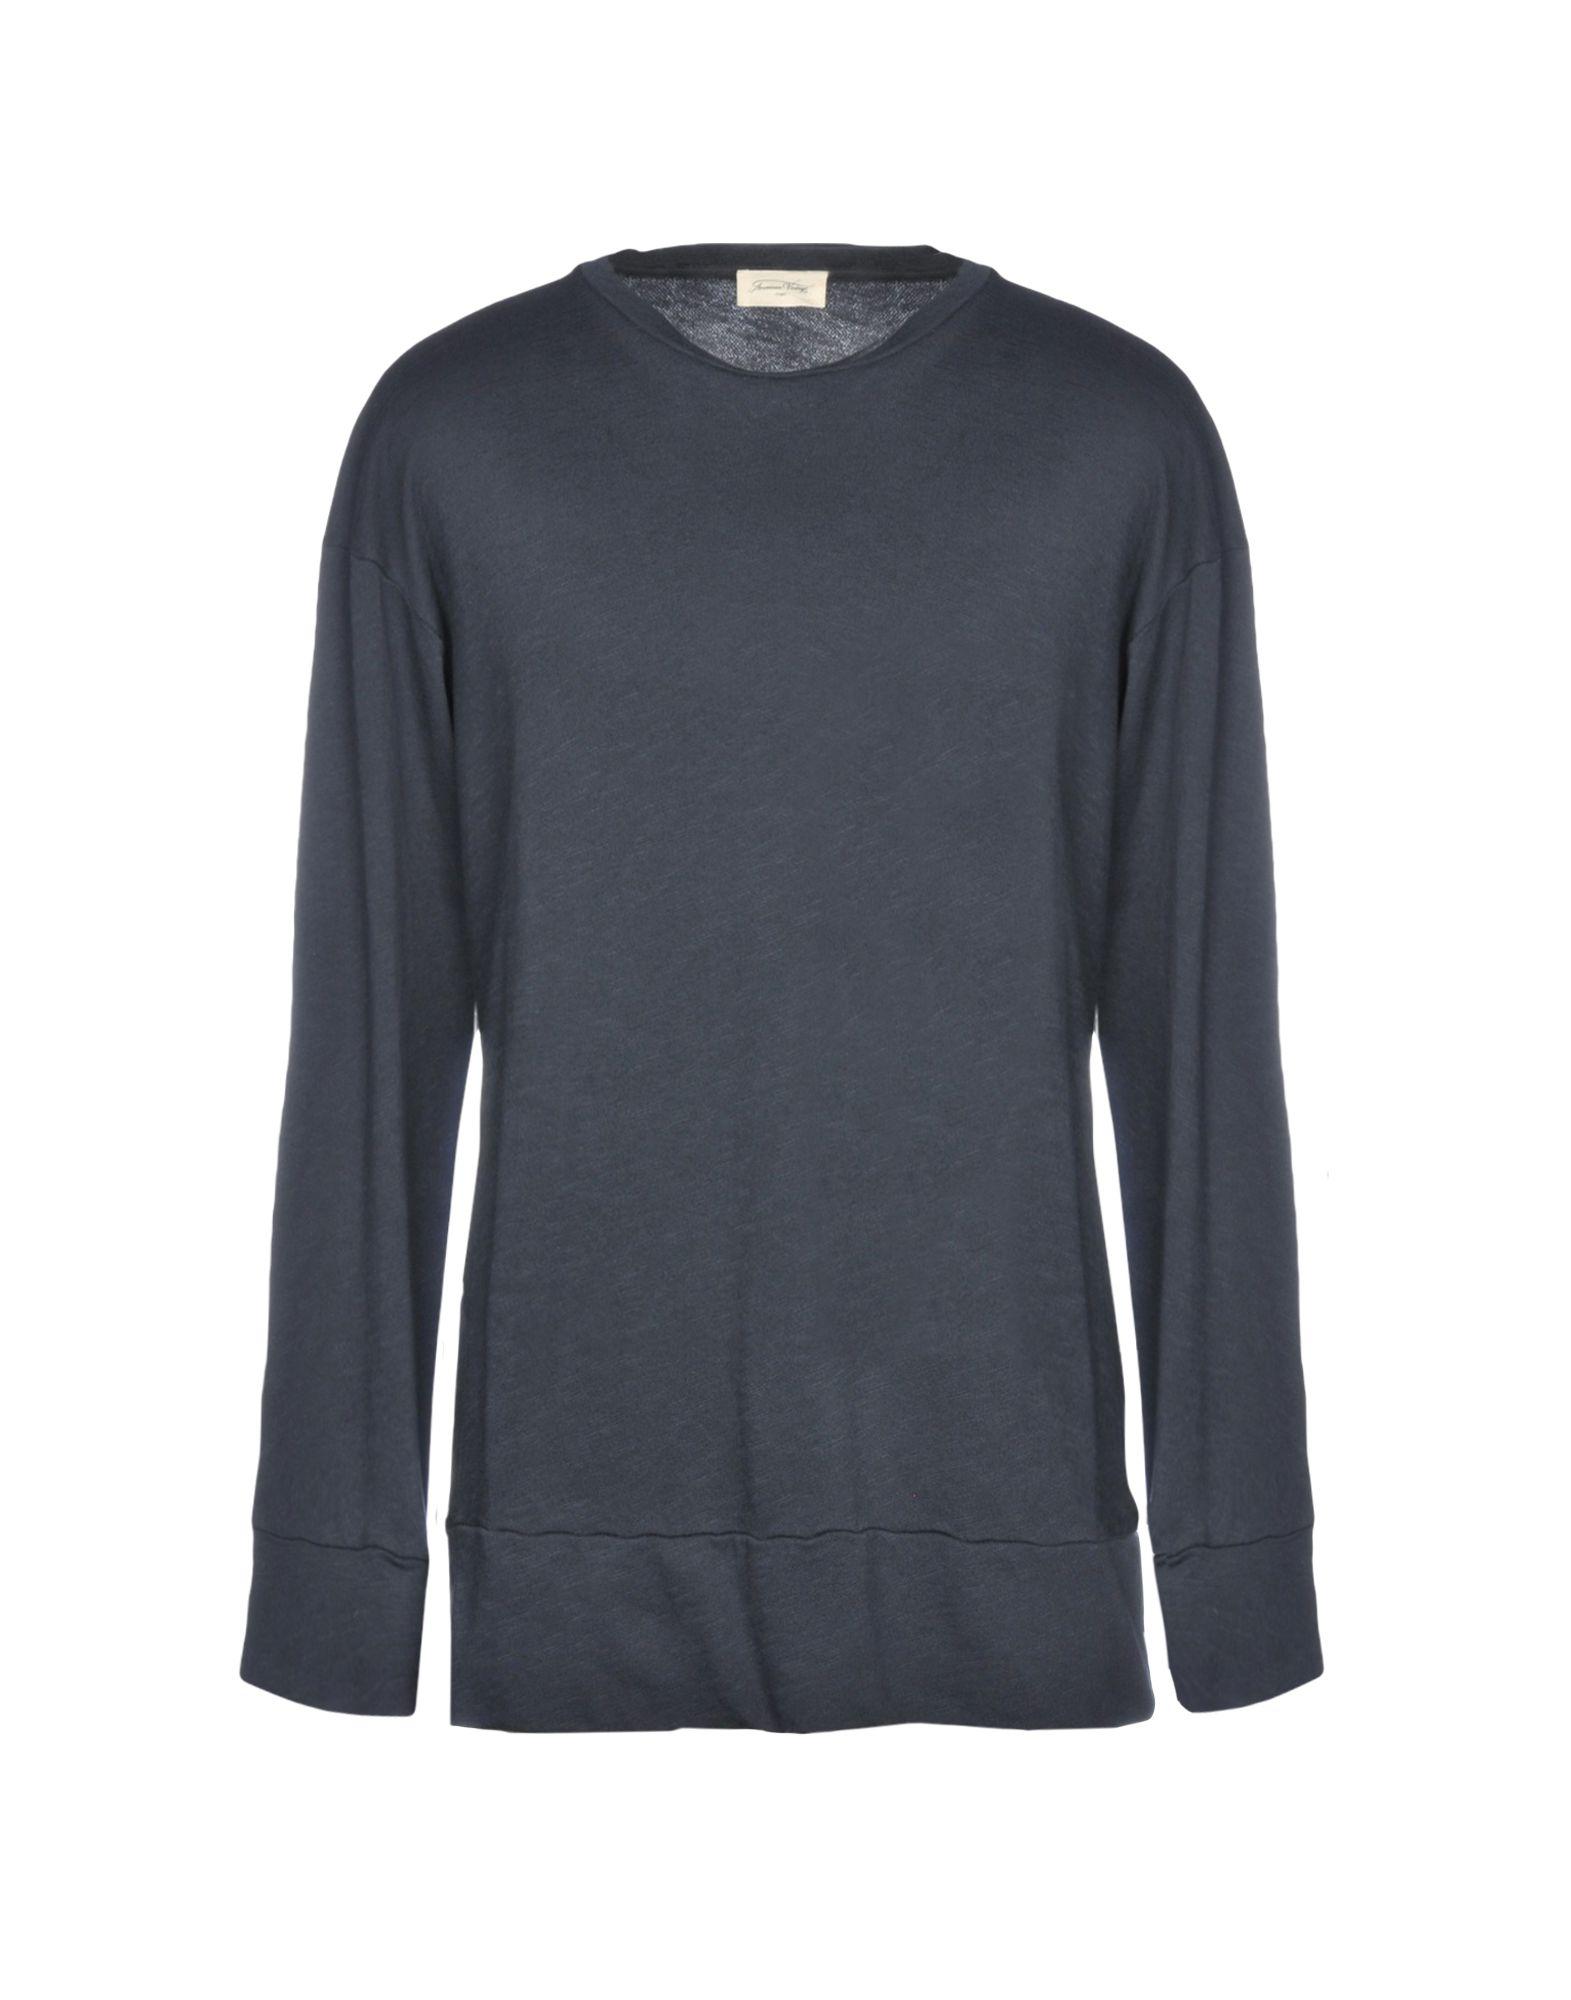 《送料無料》AMERICAN VINTAGE メンズ スウェットシャツ ブルー S コットン 100%